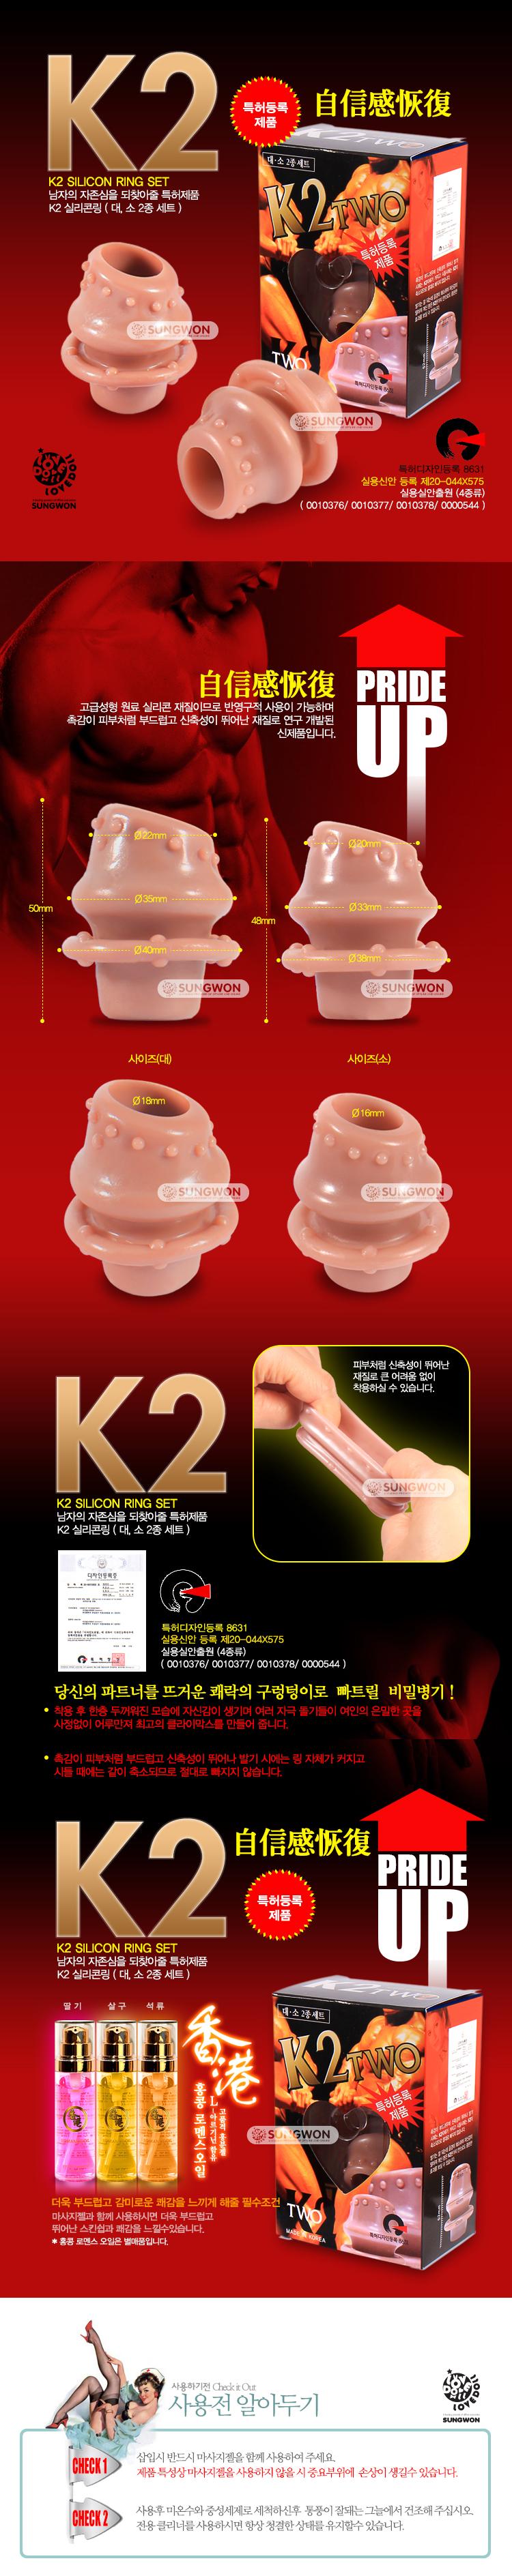 남자 패니스 확대 특수콘돔 k-1 기두가 두배로!! 오늘밤 여자를 즐겁게 해주세요!